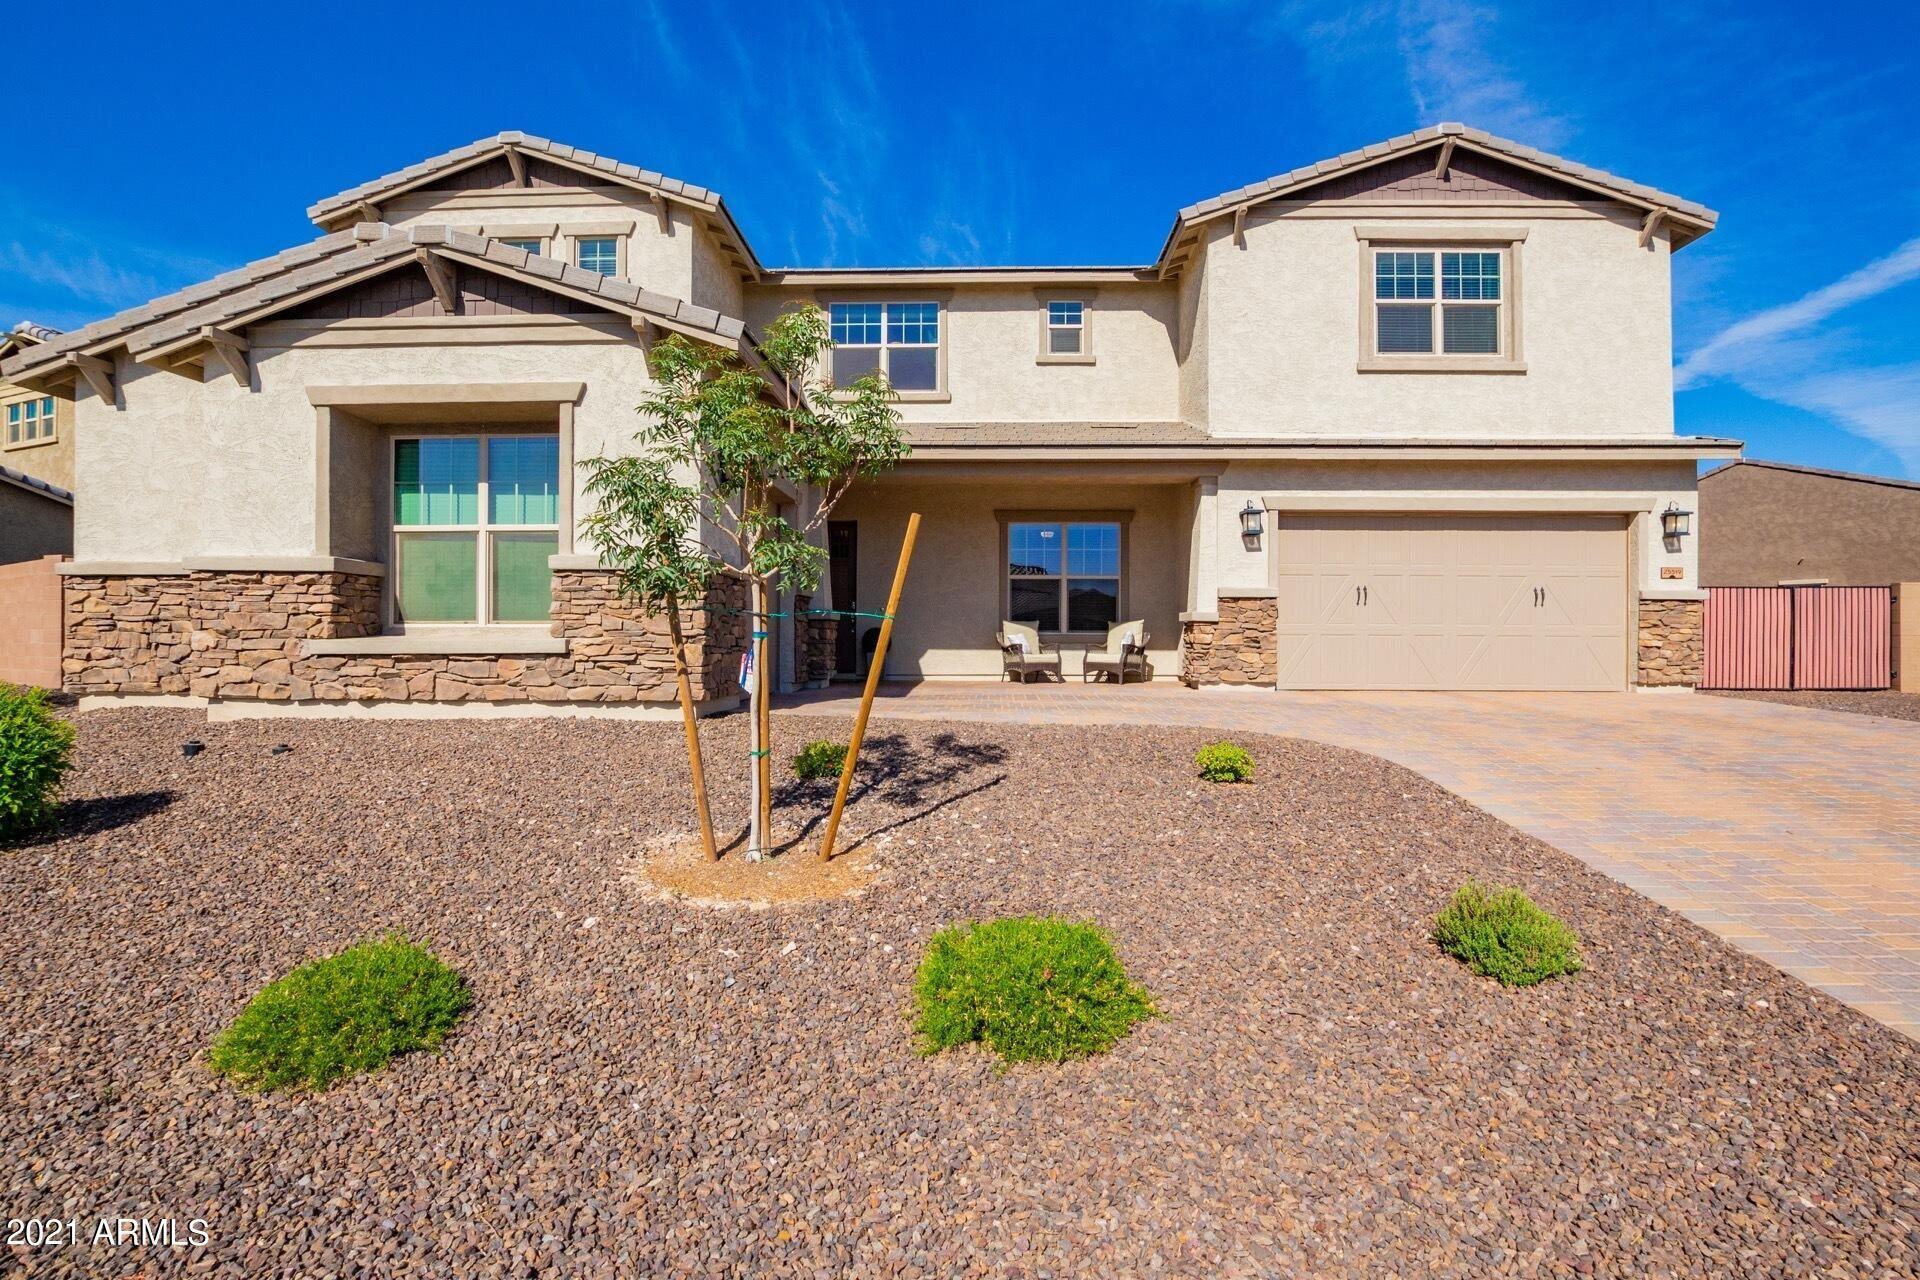 25519 N 102ND Drive, Peoria, AZ 85383 - MLS#: 6240961